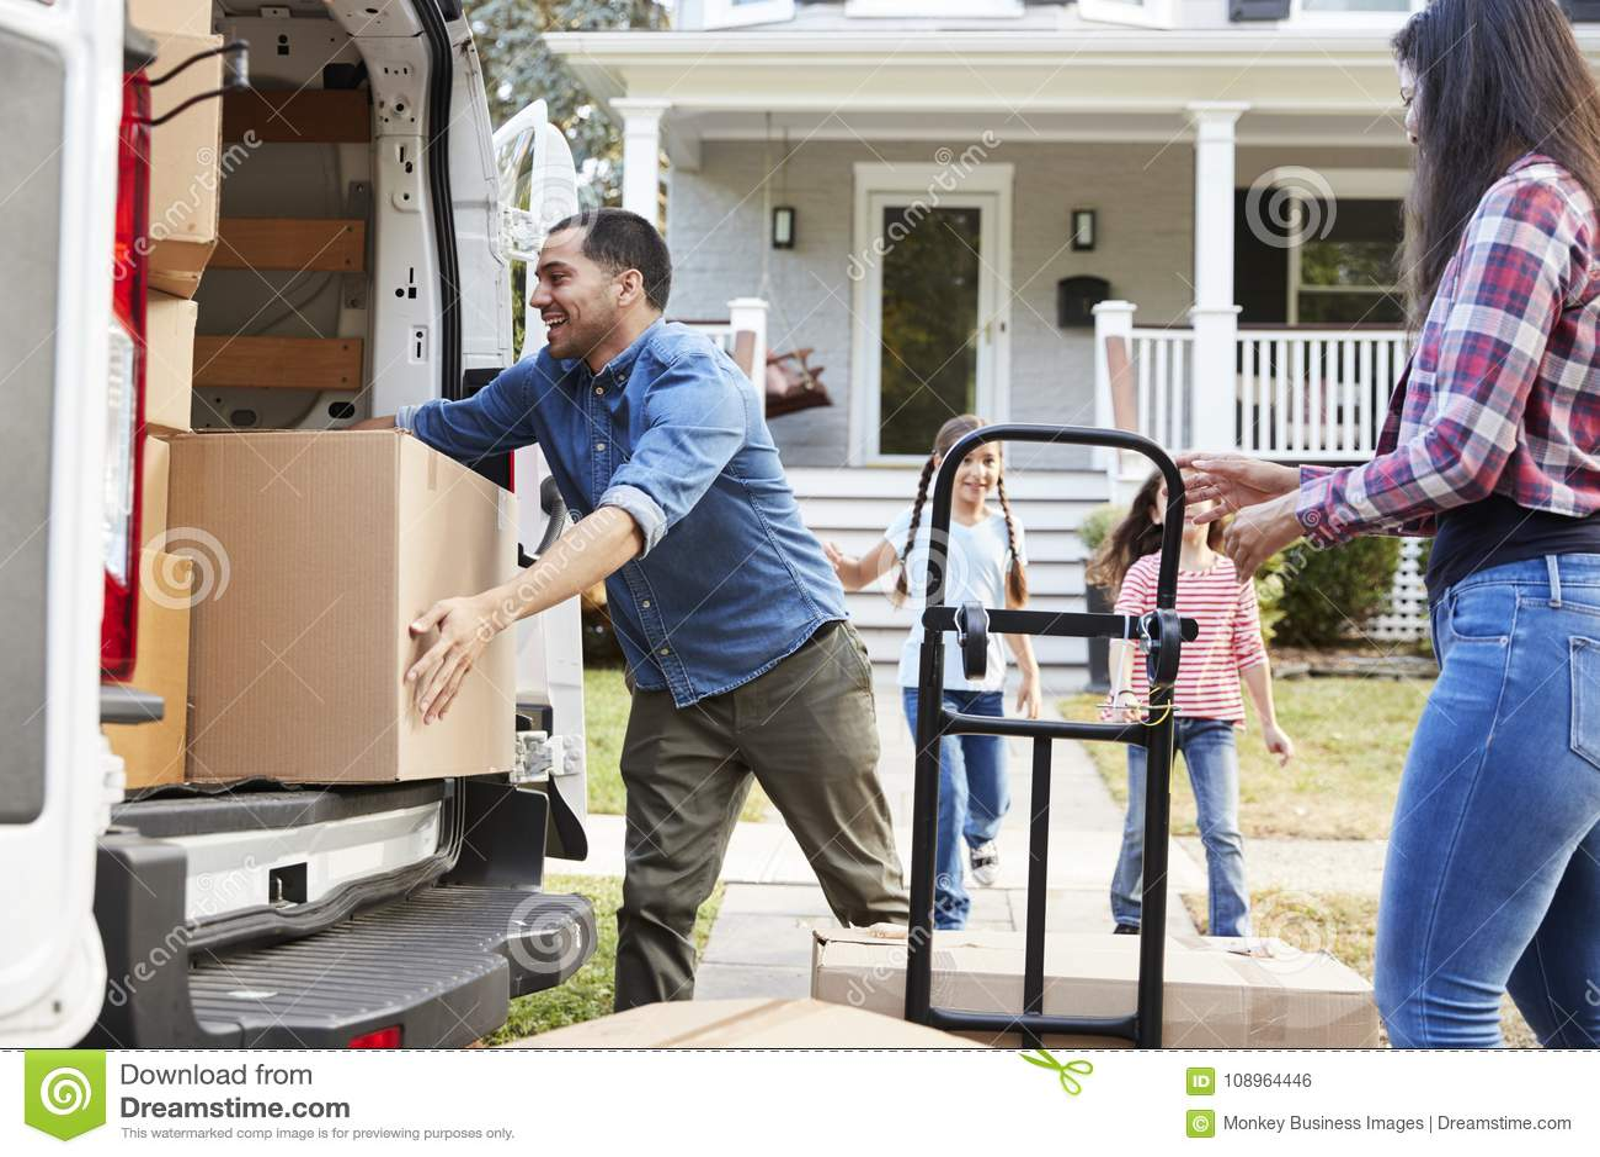 Dziecka pomagać Rozładowywa pudełka Od Van Na Rodzina chodzenia W dniu